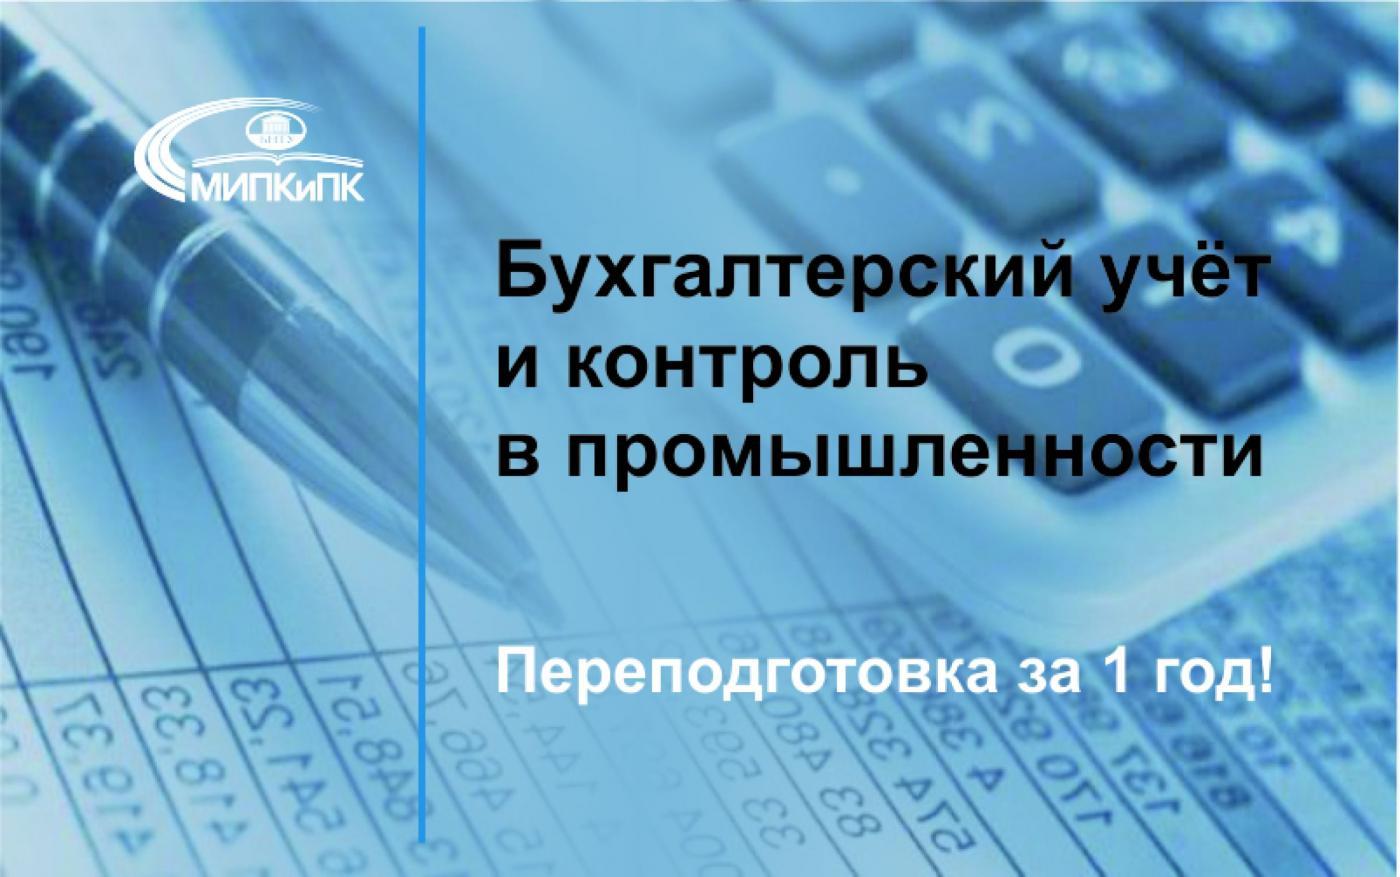 «Бухгалтерский учет и контроль в промышленности». Переподготовка в МИПК и ПК